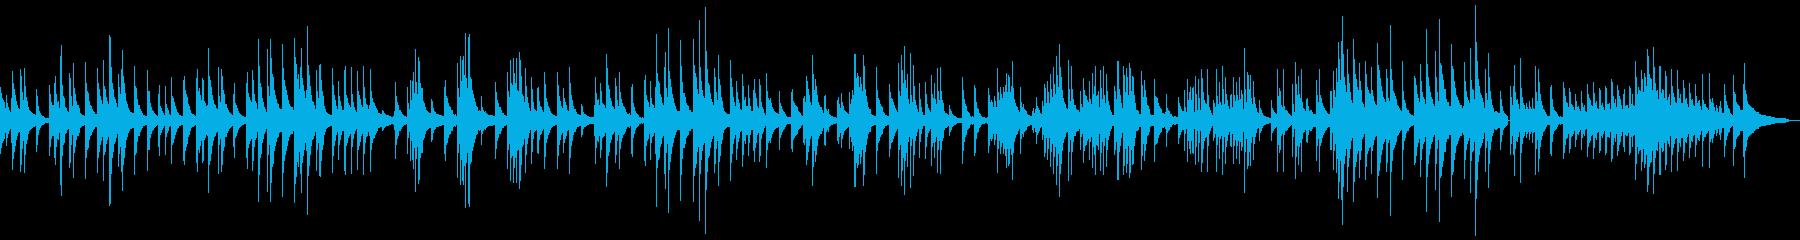 静かに回想するジャズピアノバラードソロの再生済みの波形